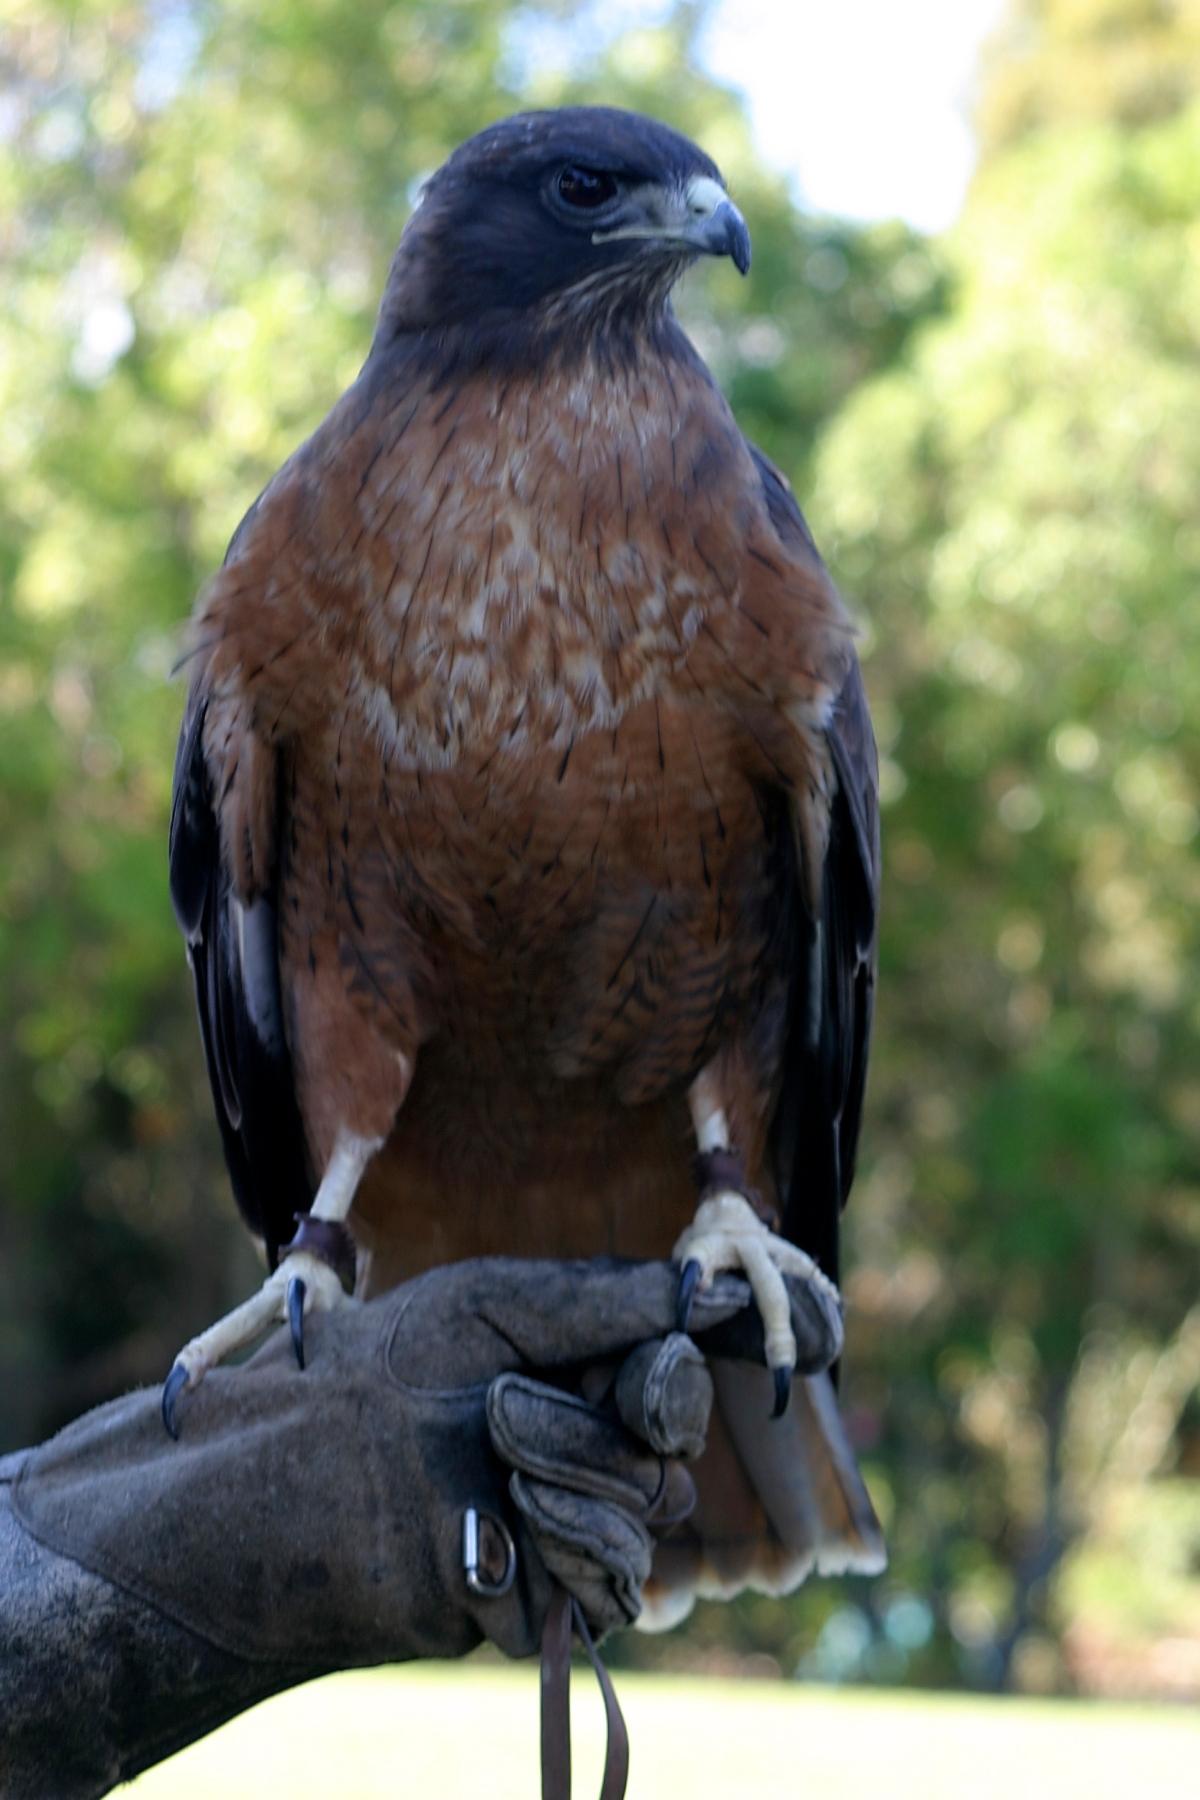 Meet Birds of Prey with the Raptor Institute